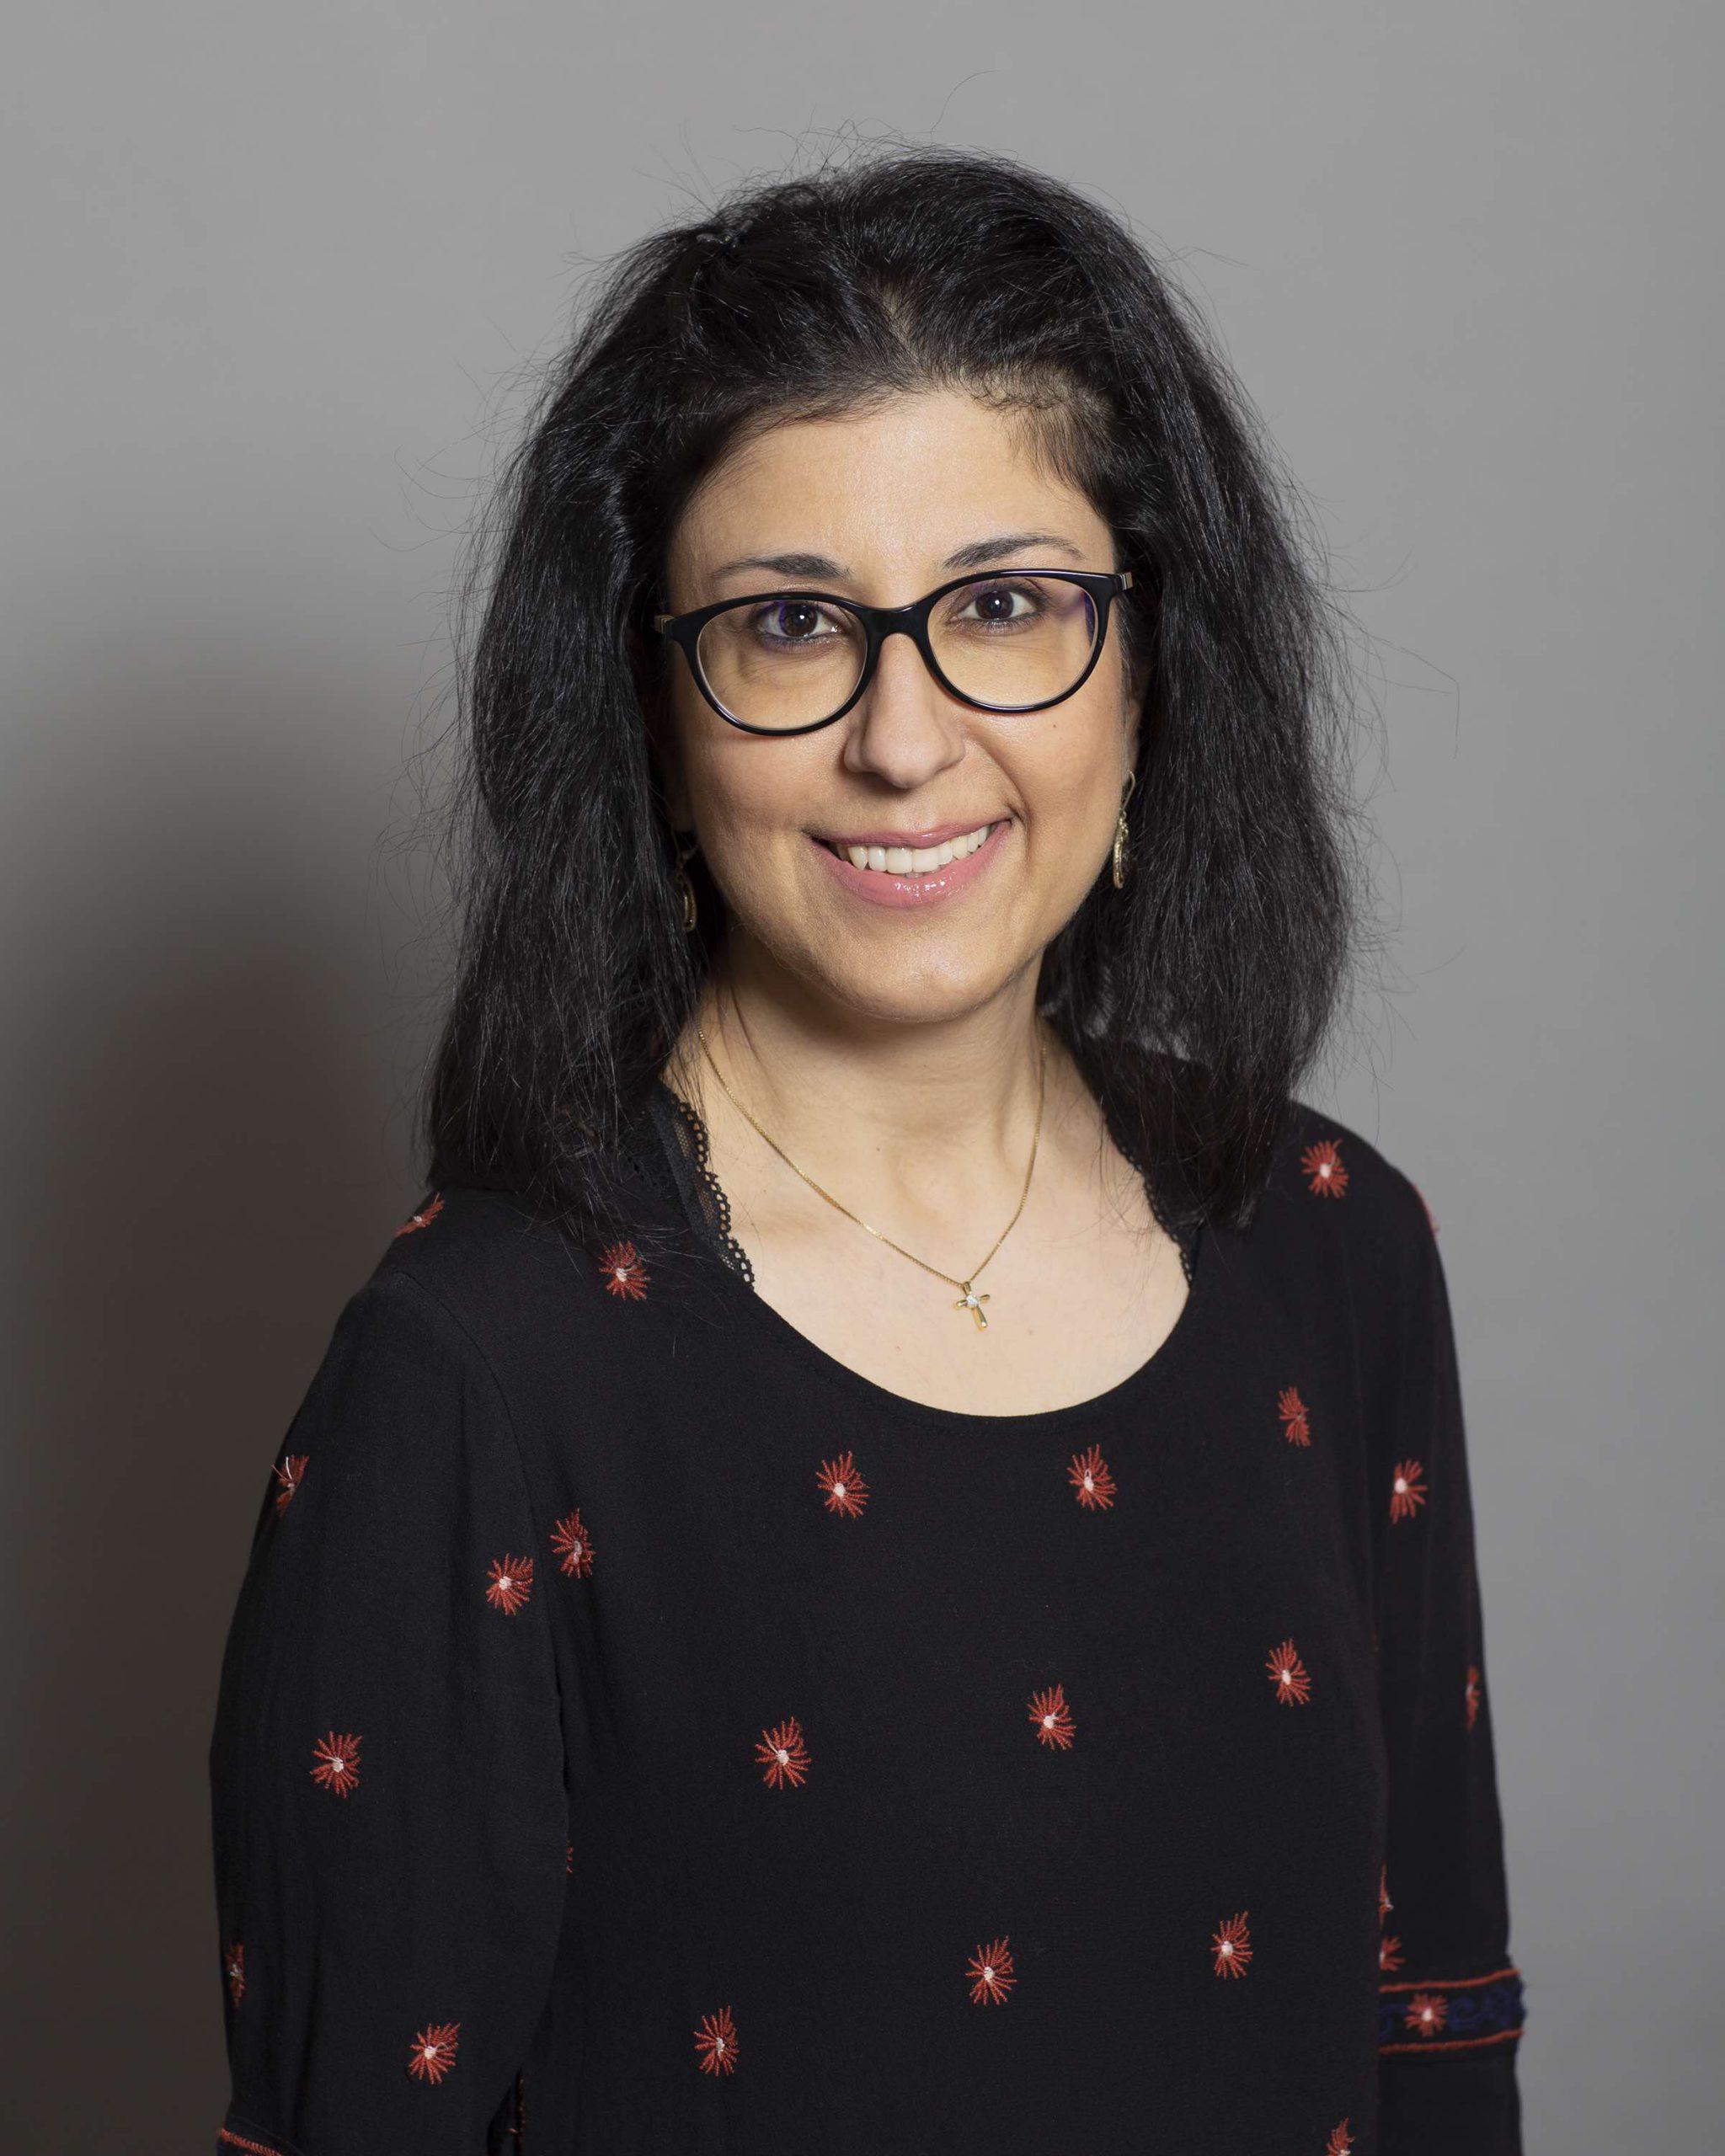 yasmin tabatabayi as engineering engineer